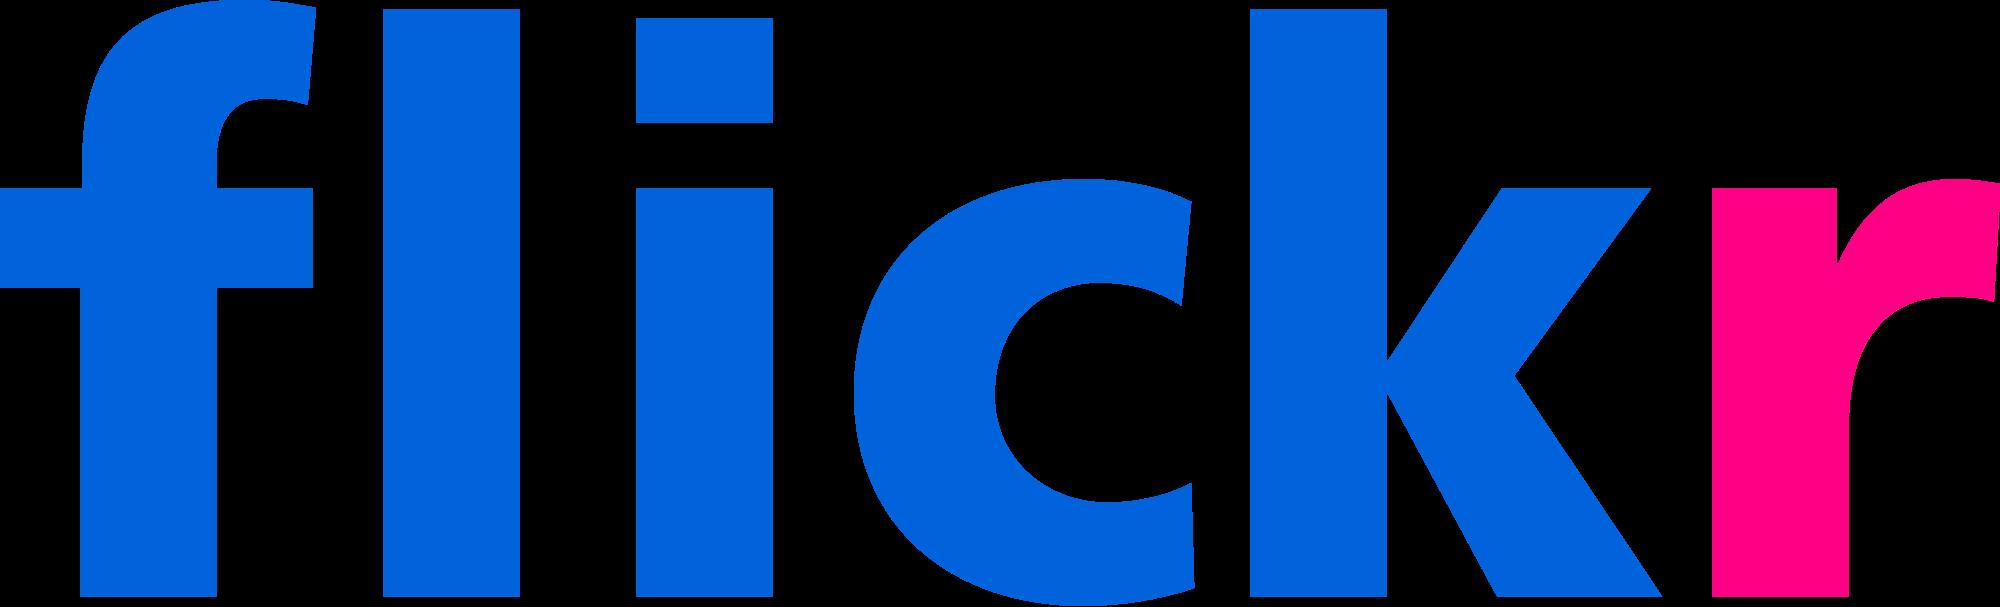 Flickr_logo.png